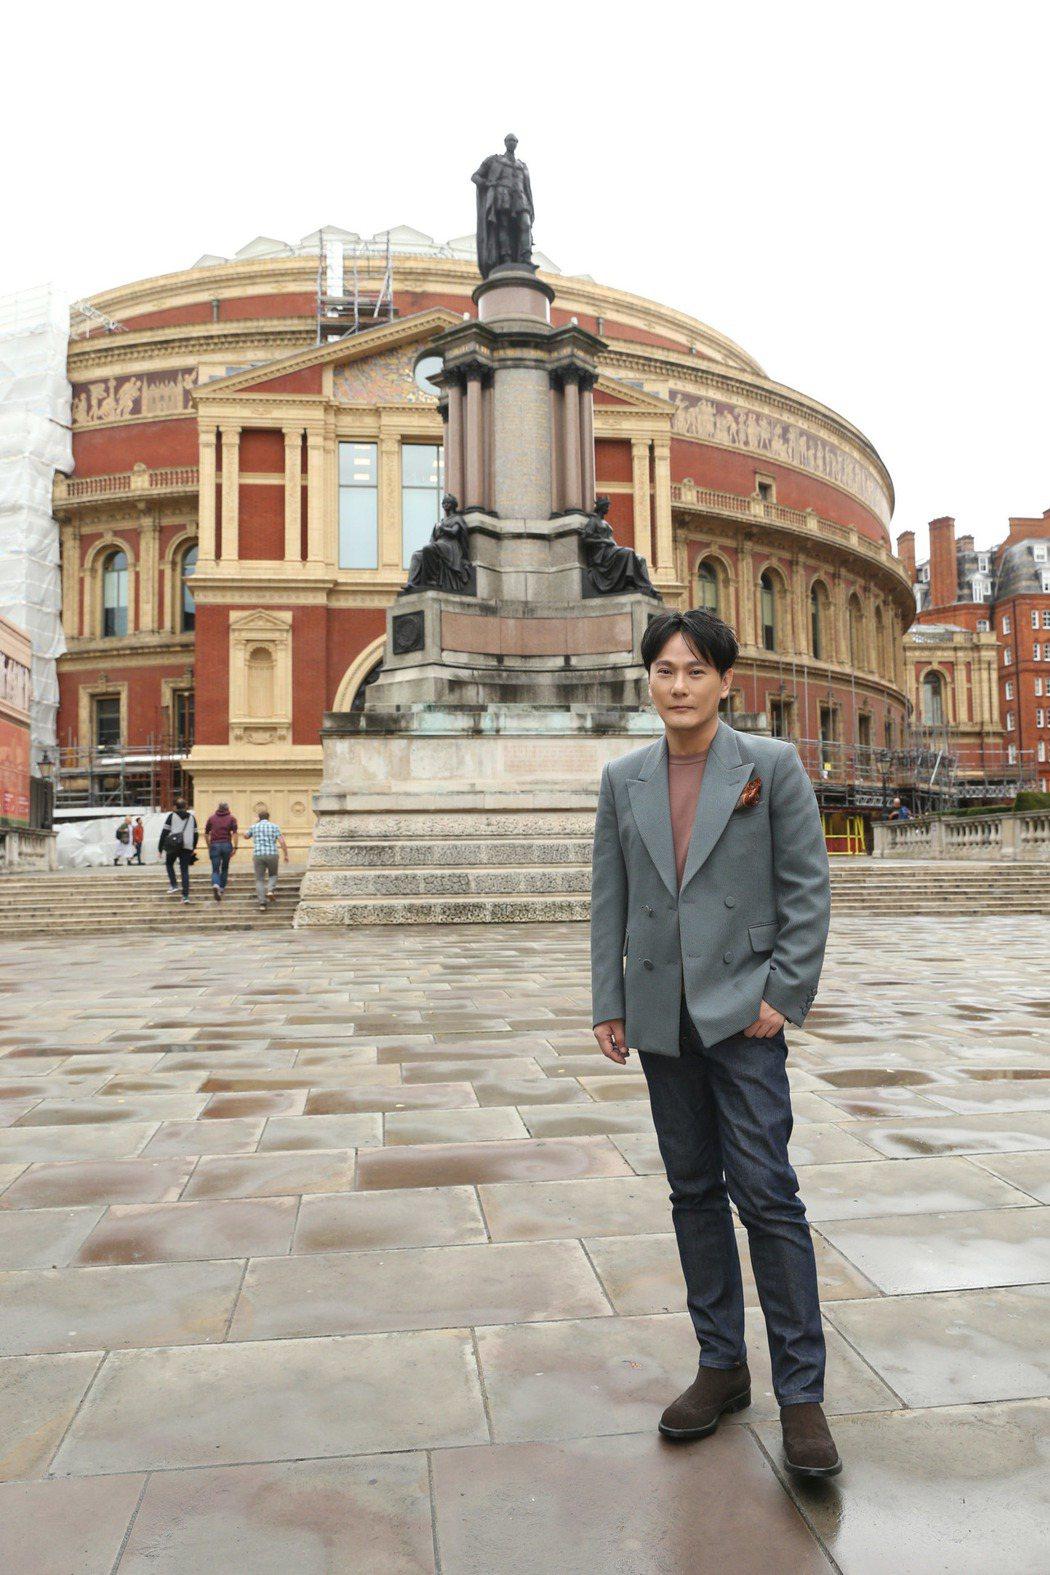 張信哲「未來式」巡演海外首站,將登英國有148年歷史的皇家阿爾伯特音樂廳。圖/潮...